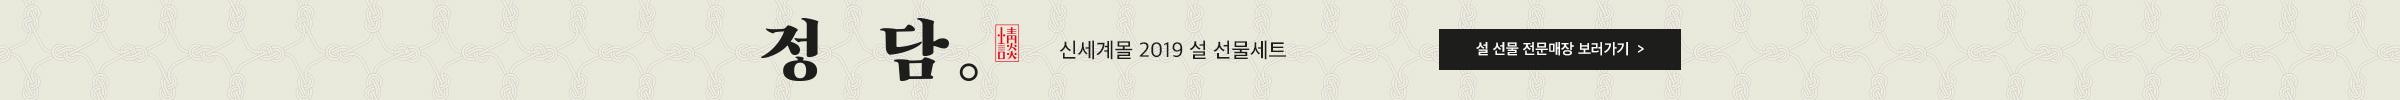 정담. 신세계몰 2019 설 선물세트